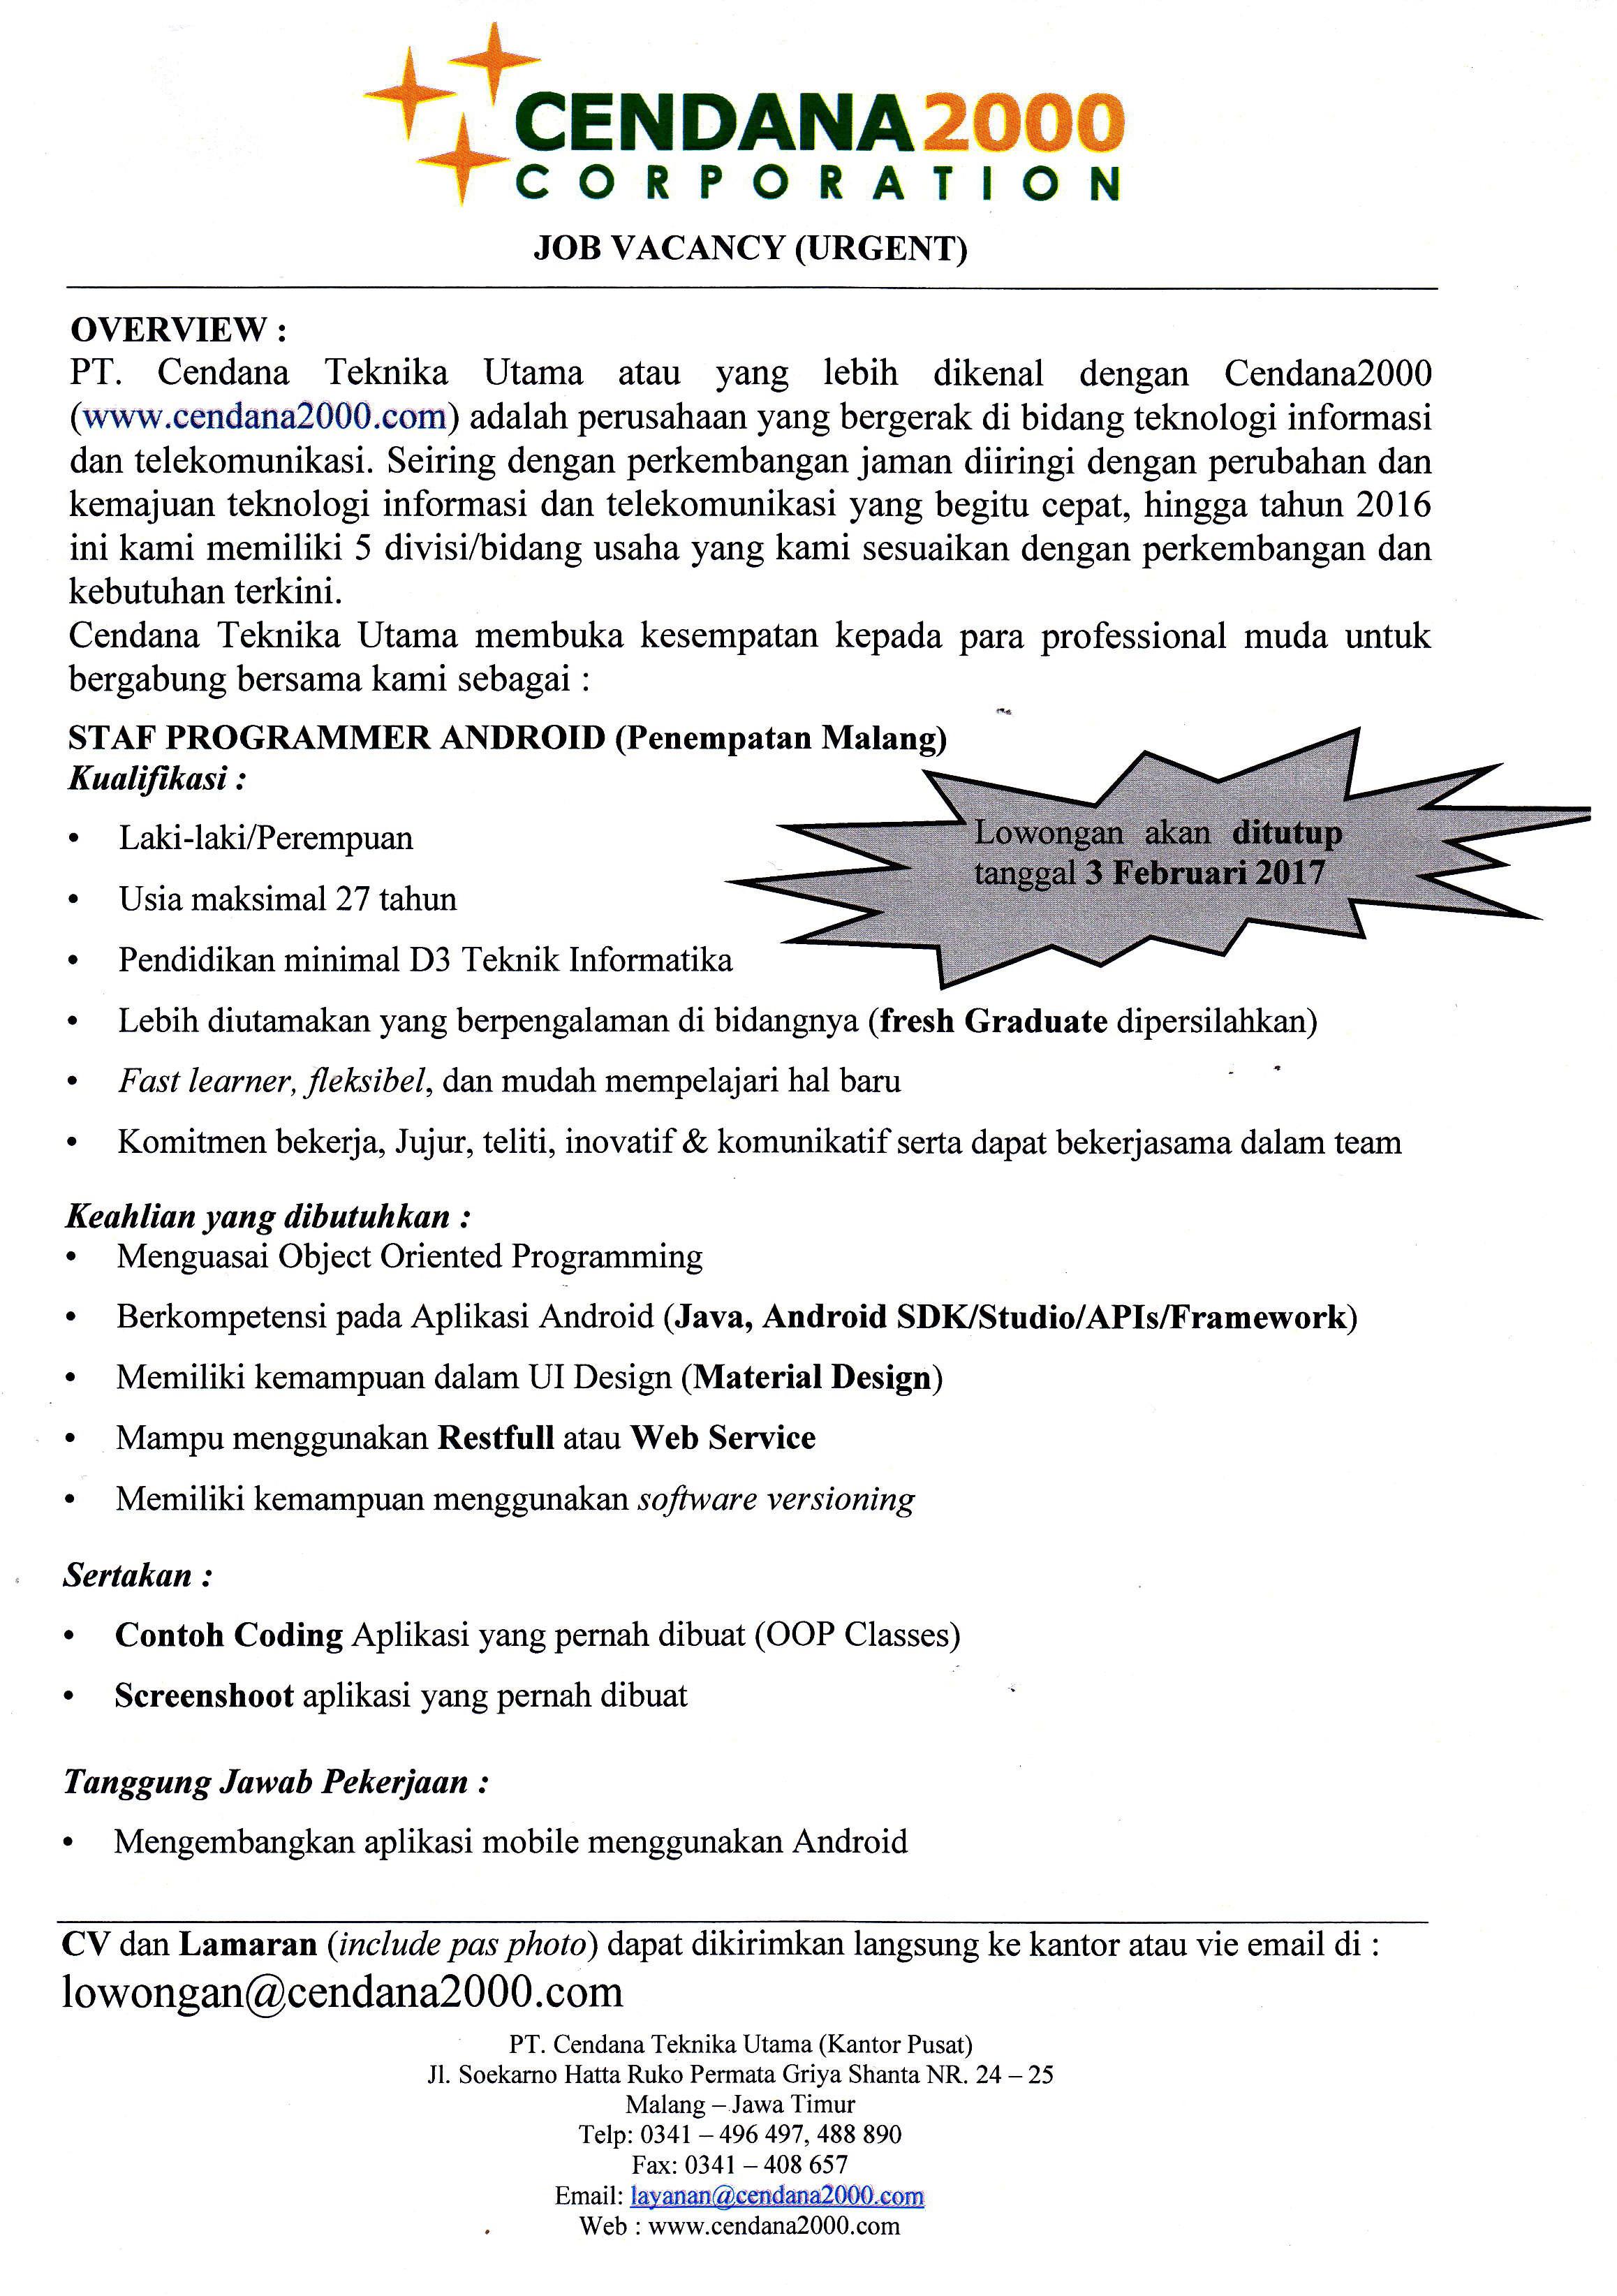 31_lowongan_cendana_2000-page-0